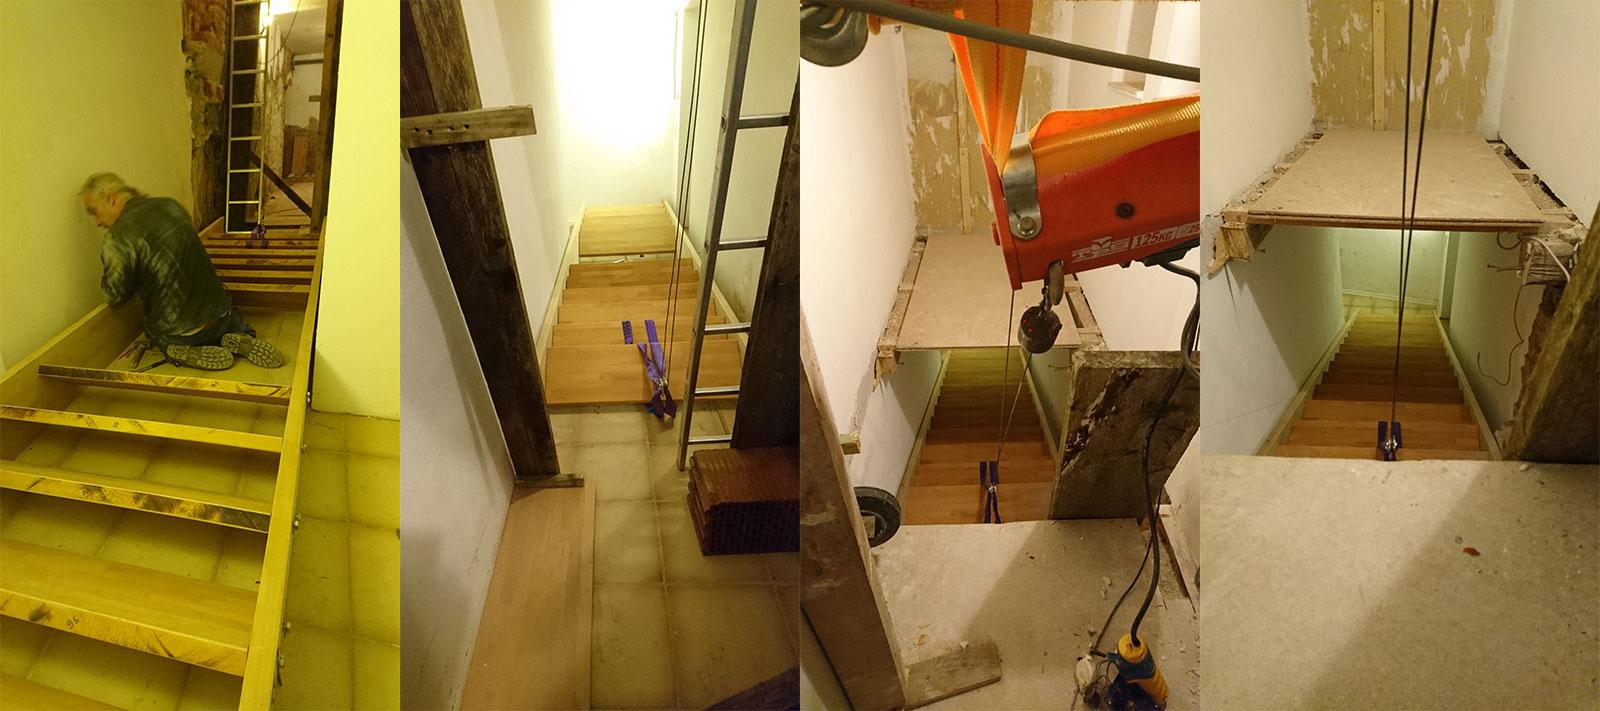 Eine neue Treppe für die Wiesenmühle - Teil 3 - Treppenkonstruktion ...